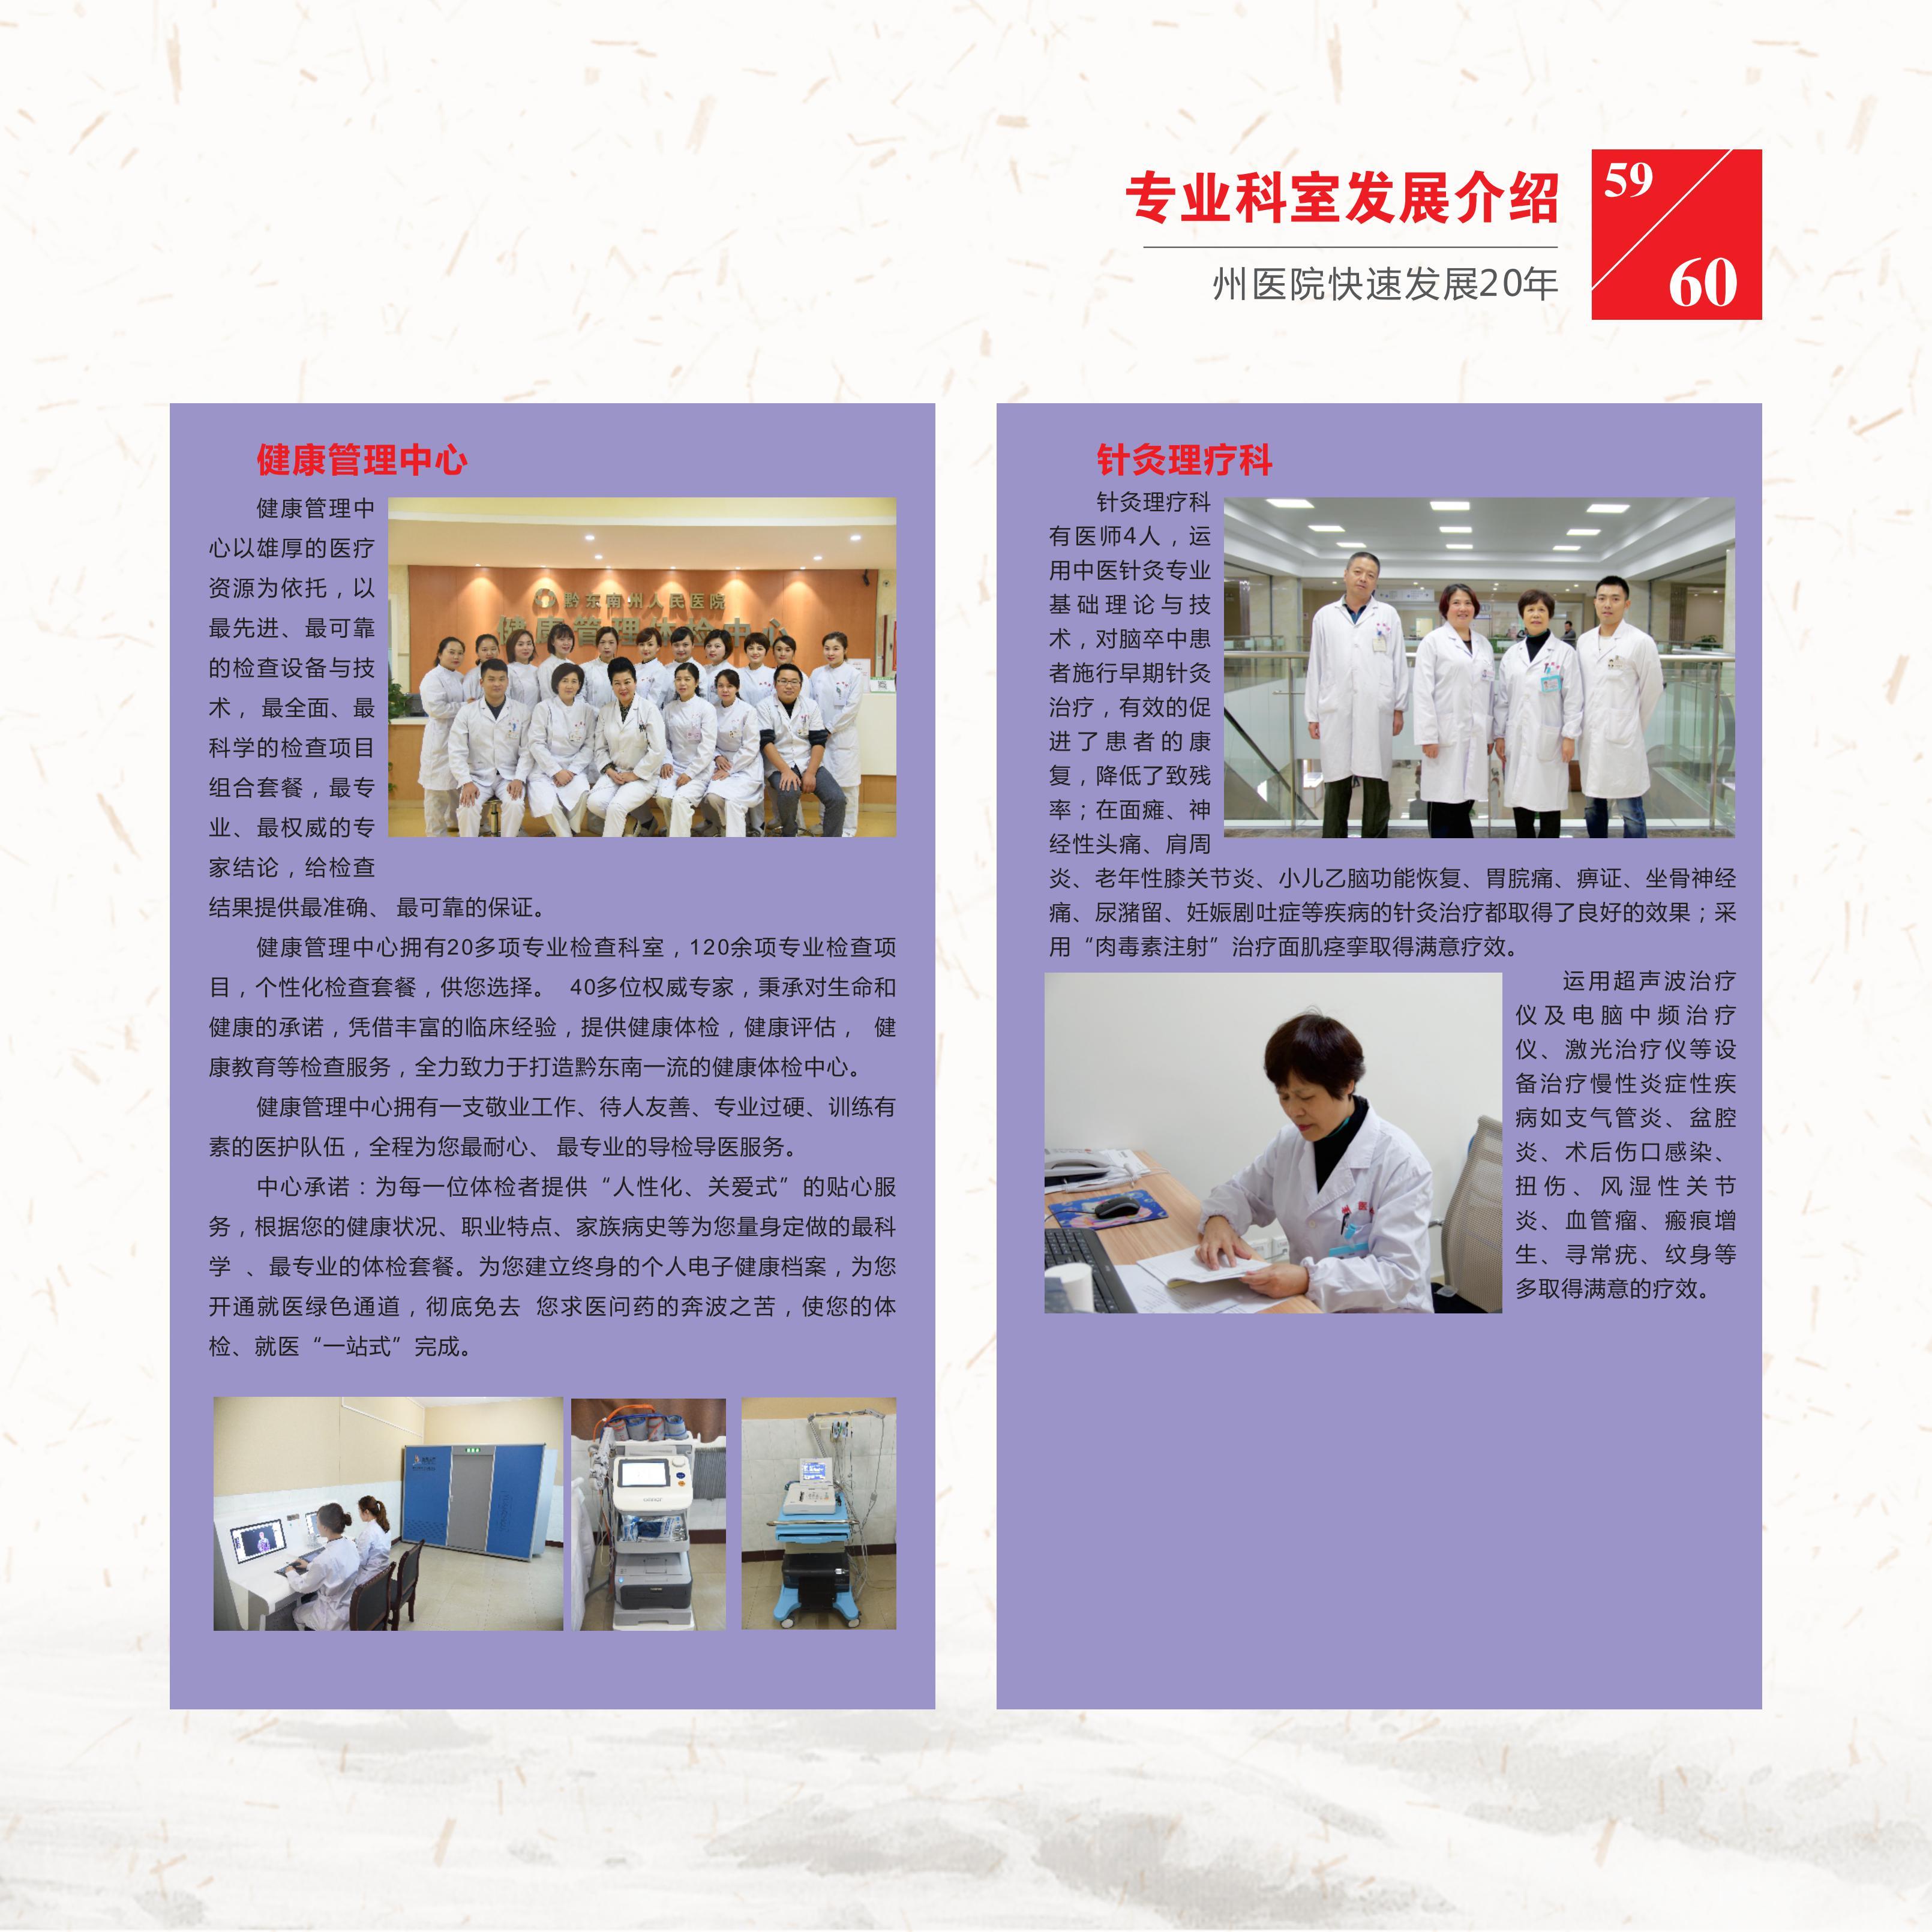 黔东南州人民医院-画册-51-100(1)_14.jpg